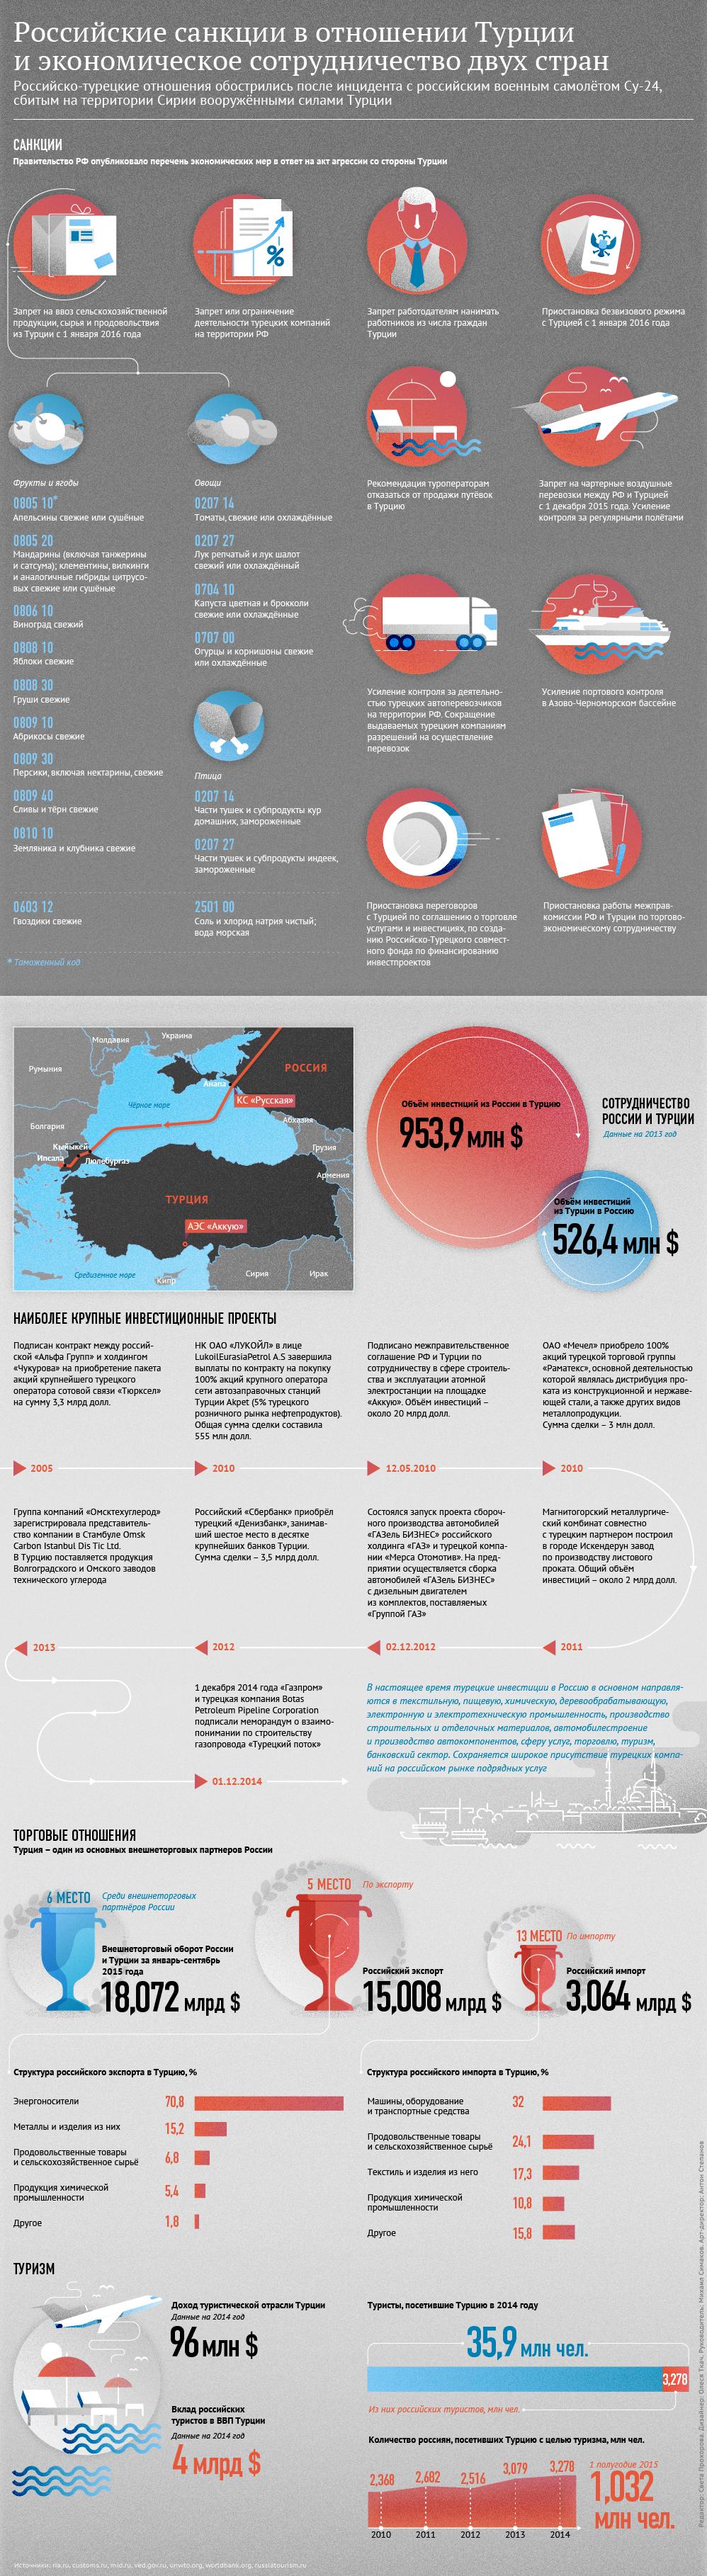 Российские санкции в отношении Турции и экономическое сотрудничество двух стран